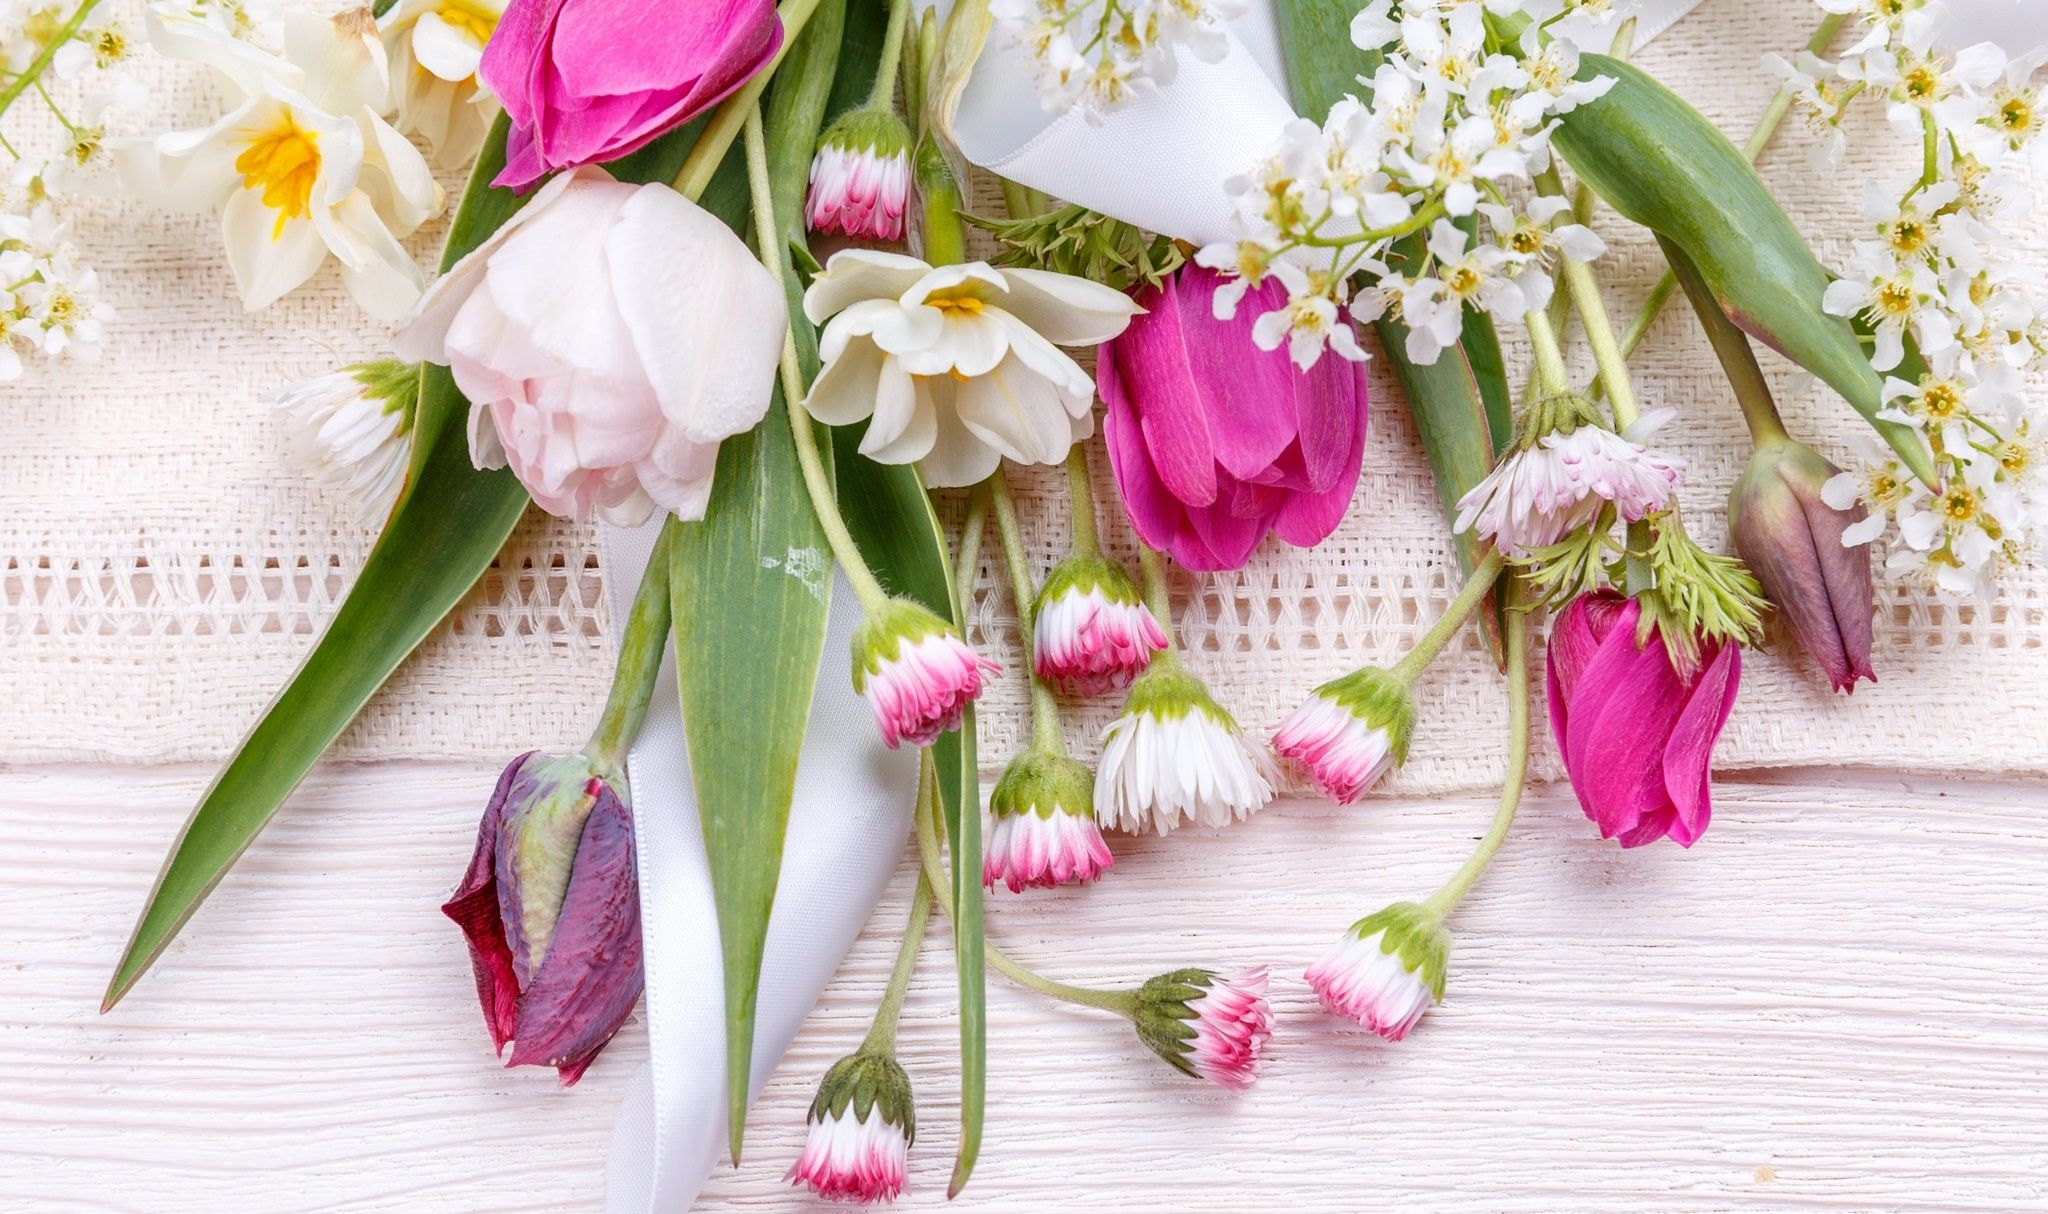 Kwiaty Tulipany Stokrotki Bukiet Spring Flowers Pink Flowers Flowers Photography